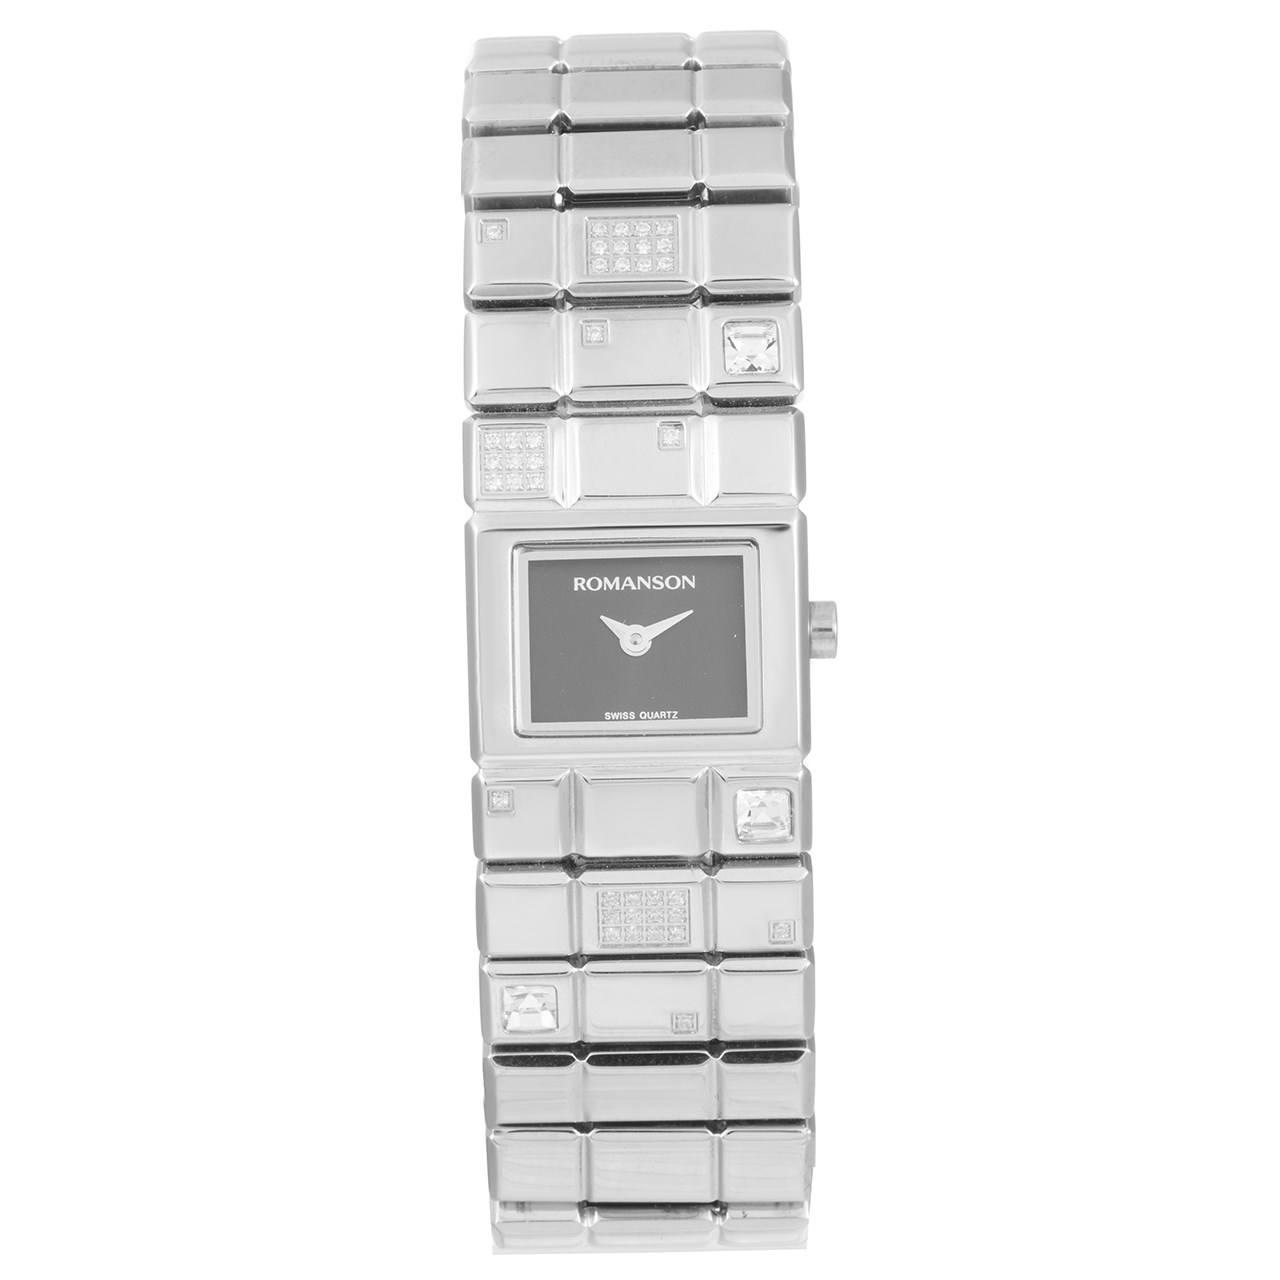 ساعت مچی عقربه ای زنانه رومانسون مدل RM0324QL1WA32W -  - 1